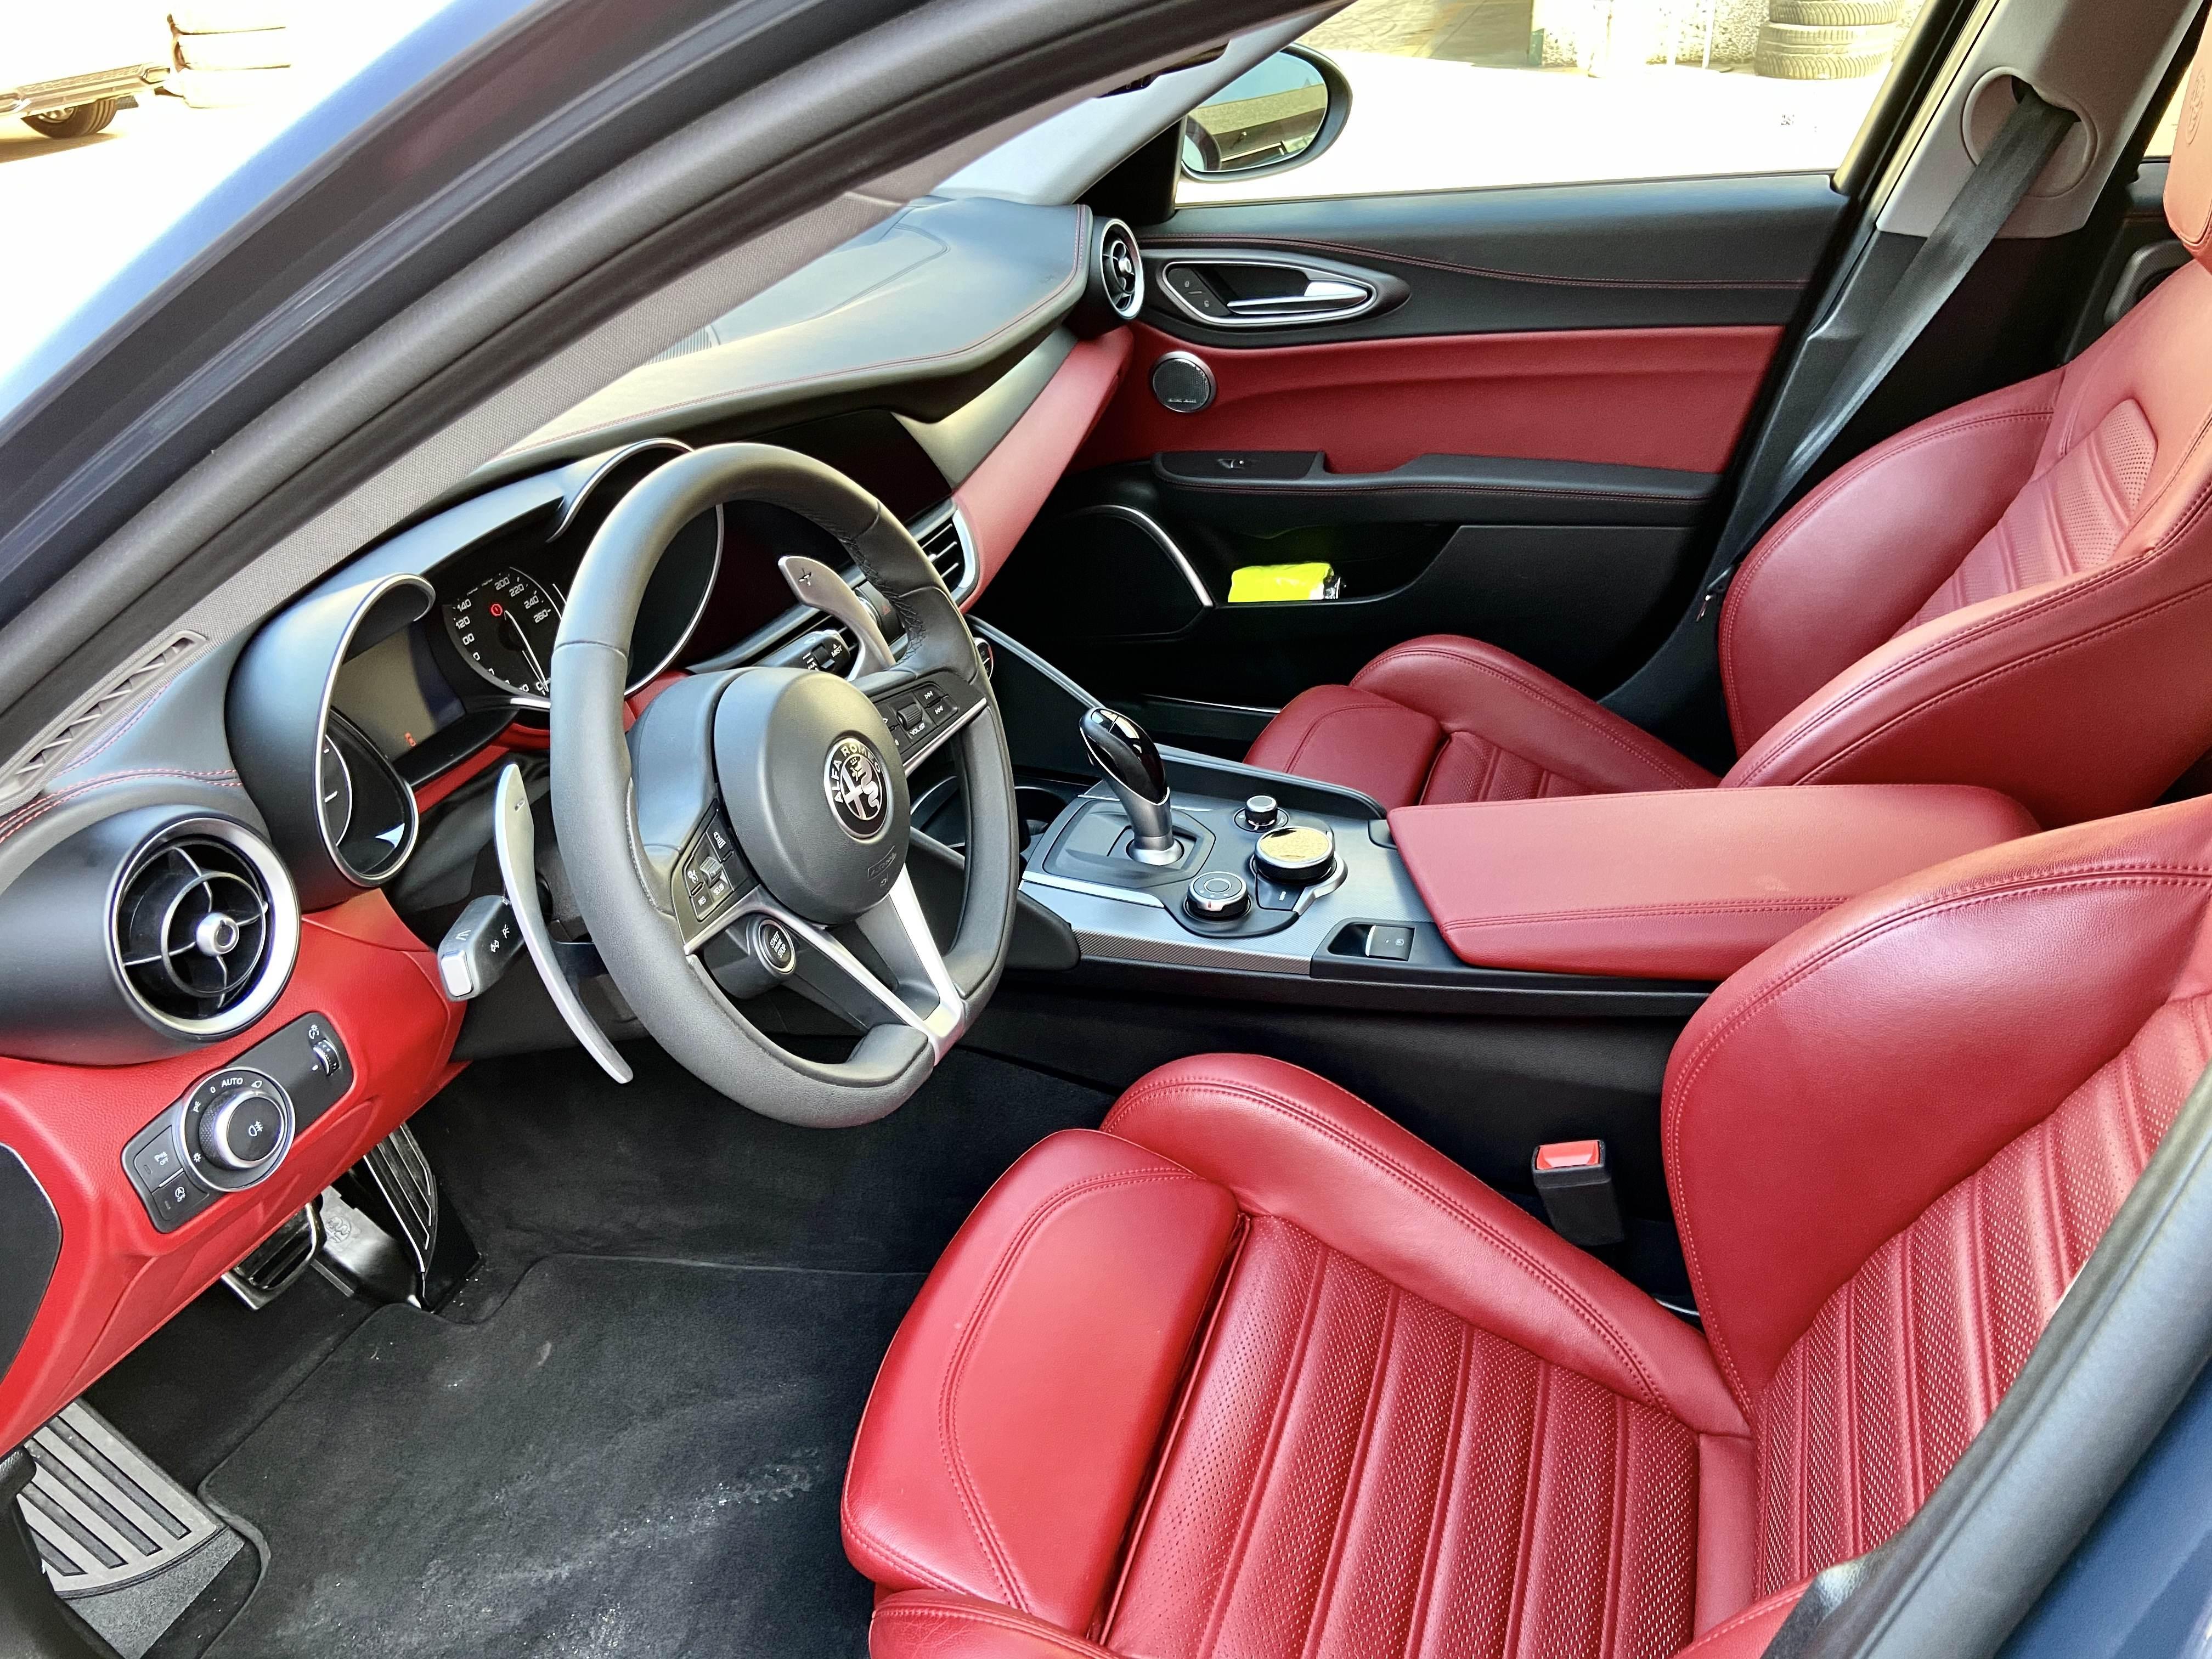 foto Alfa Romeo Giulia - 2.2 mjet 210cv - AT8 - Q4 - Veloce - Grigio Lipari - Svizzera - 3